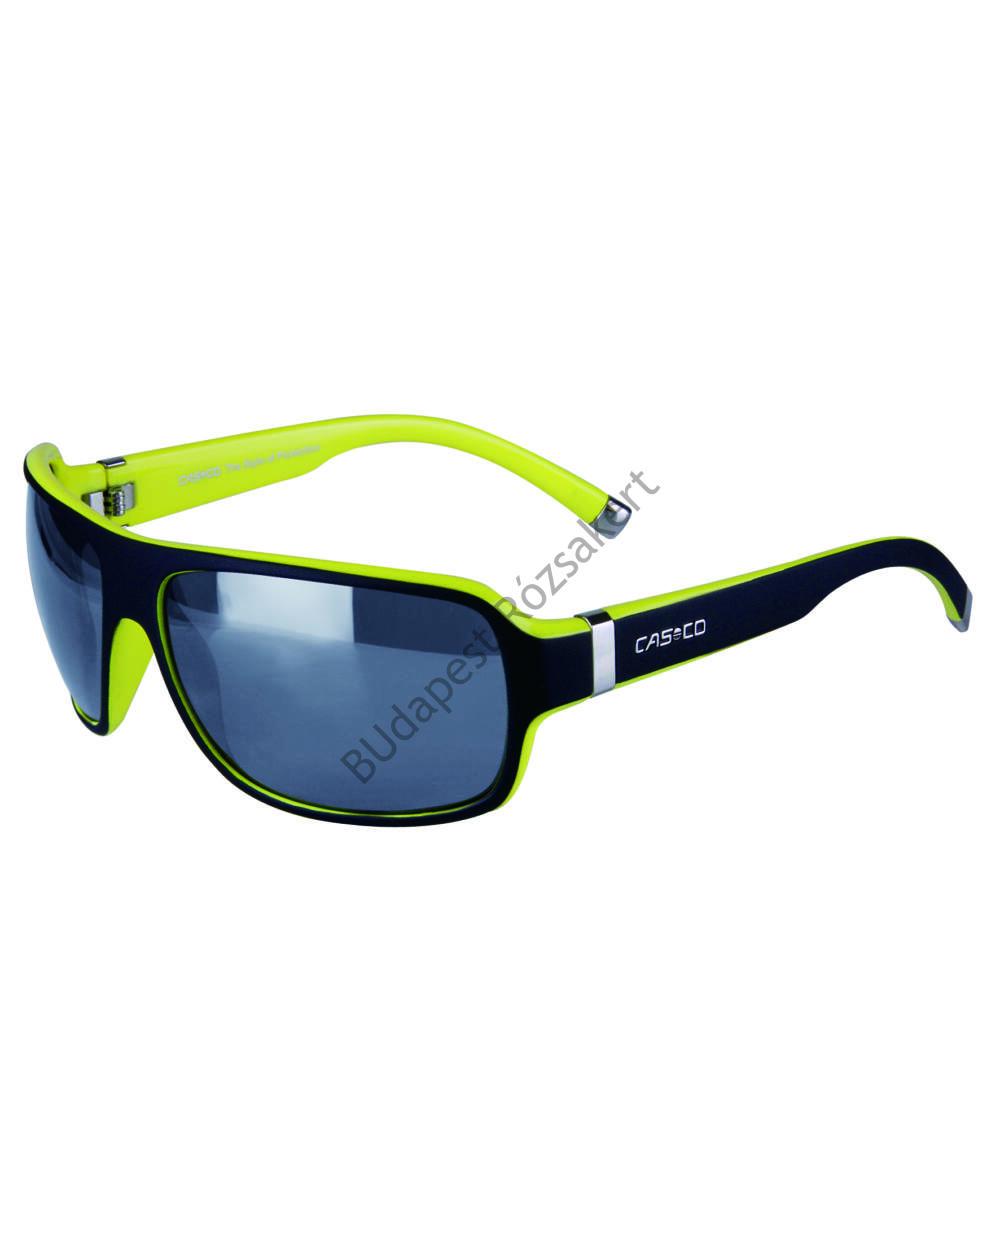 Casco SX-61 Carbonic Bicolor UV-védős sportszemüveg, fekete-neonsárga